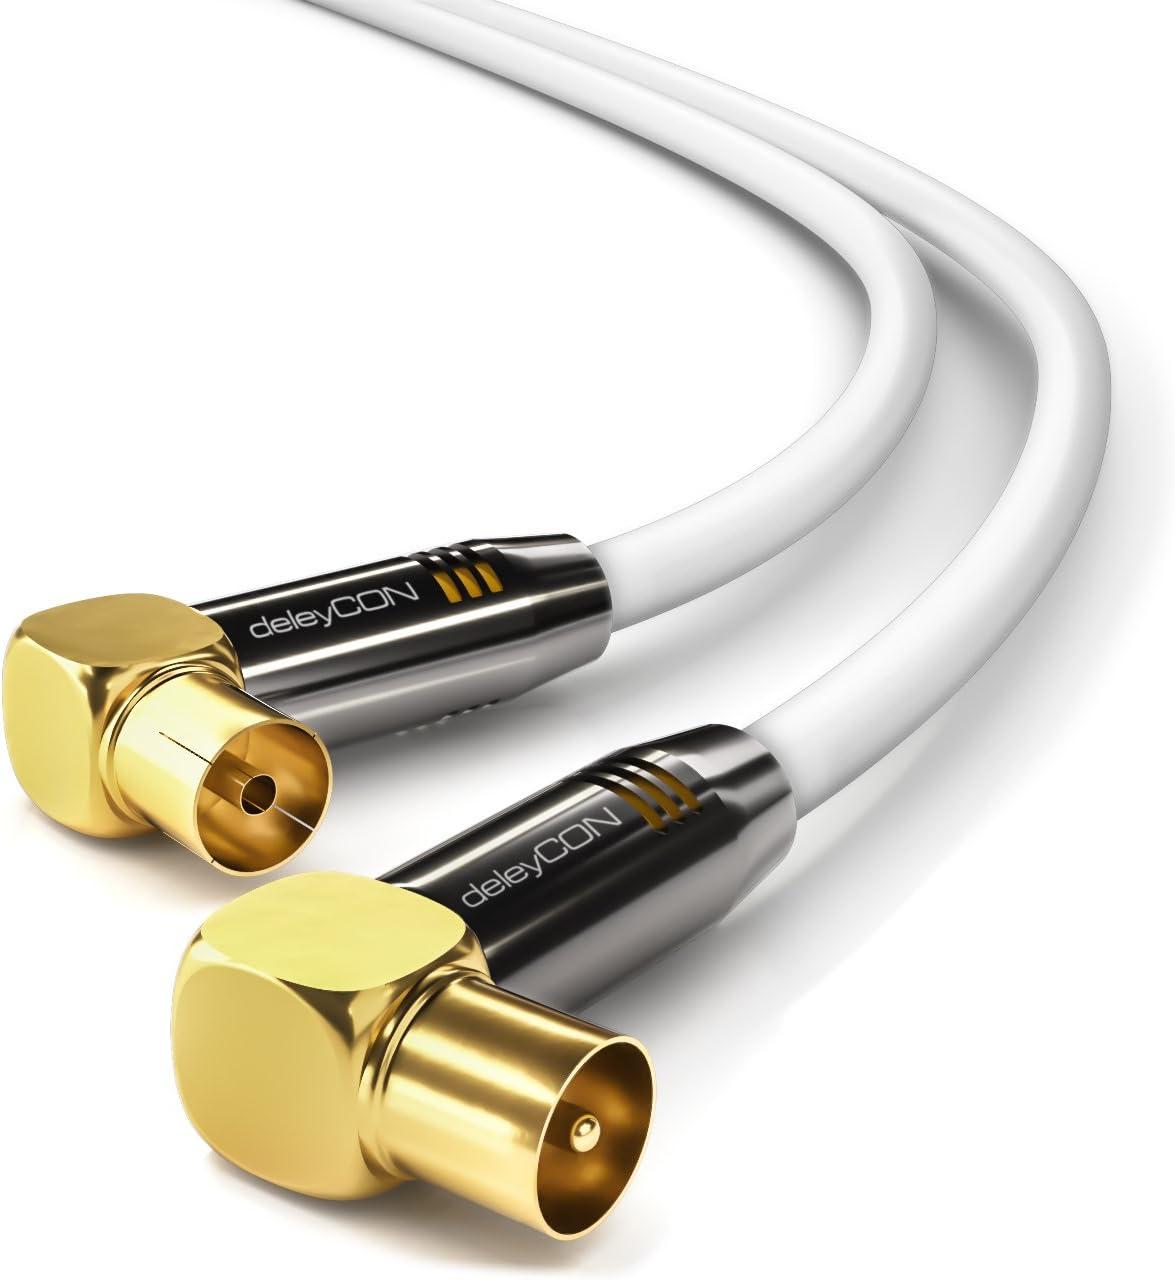 deleyCON 15m TV Cable de Antena HDTV Full HD 2X en Ángulo Cable Coaxial - Enchufe de TV (90° Grados) para Toma de TV (90° Grados) Tapón de Metal - ...